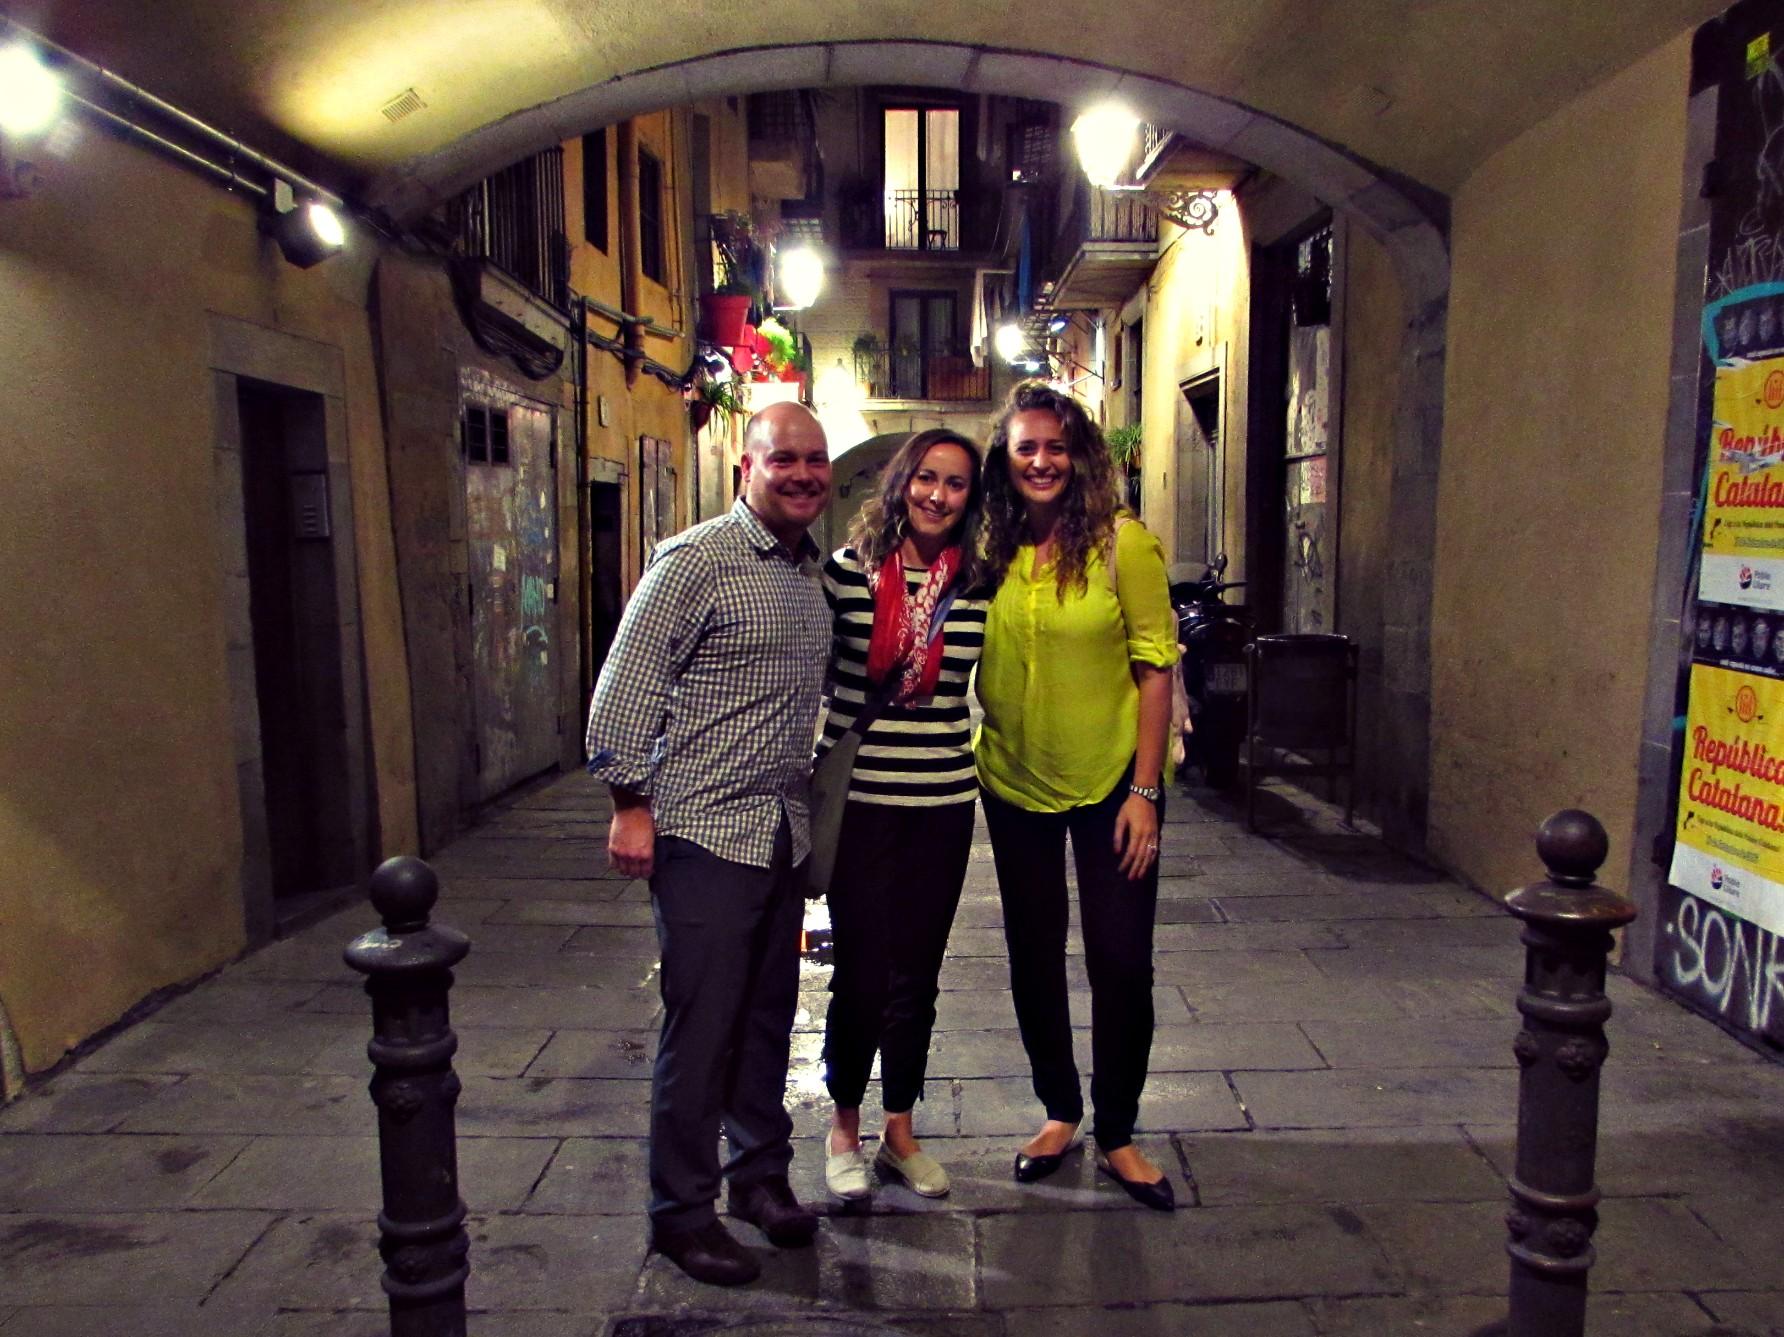 new-friends-on-the-wanderbeak-food-tour-in-barcelona